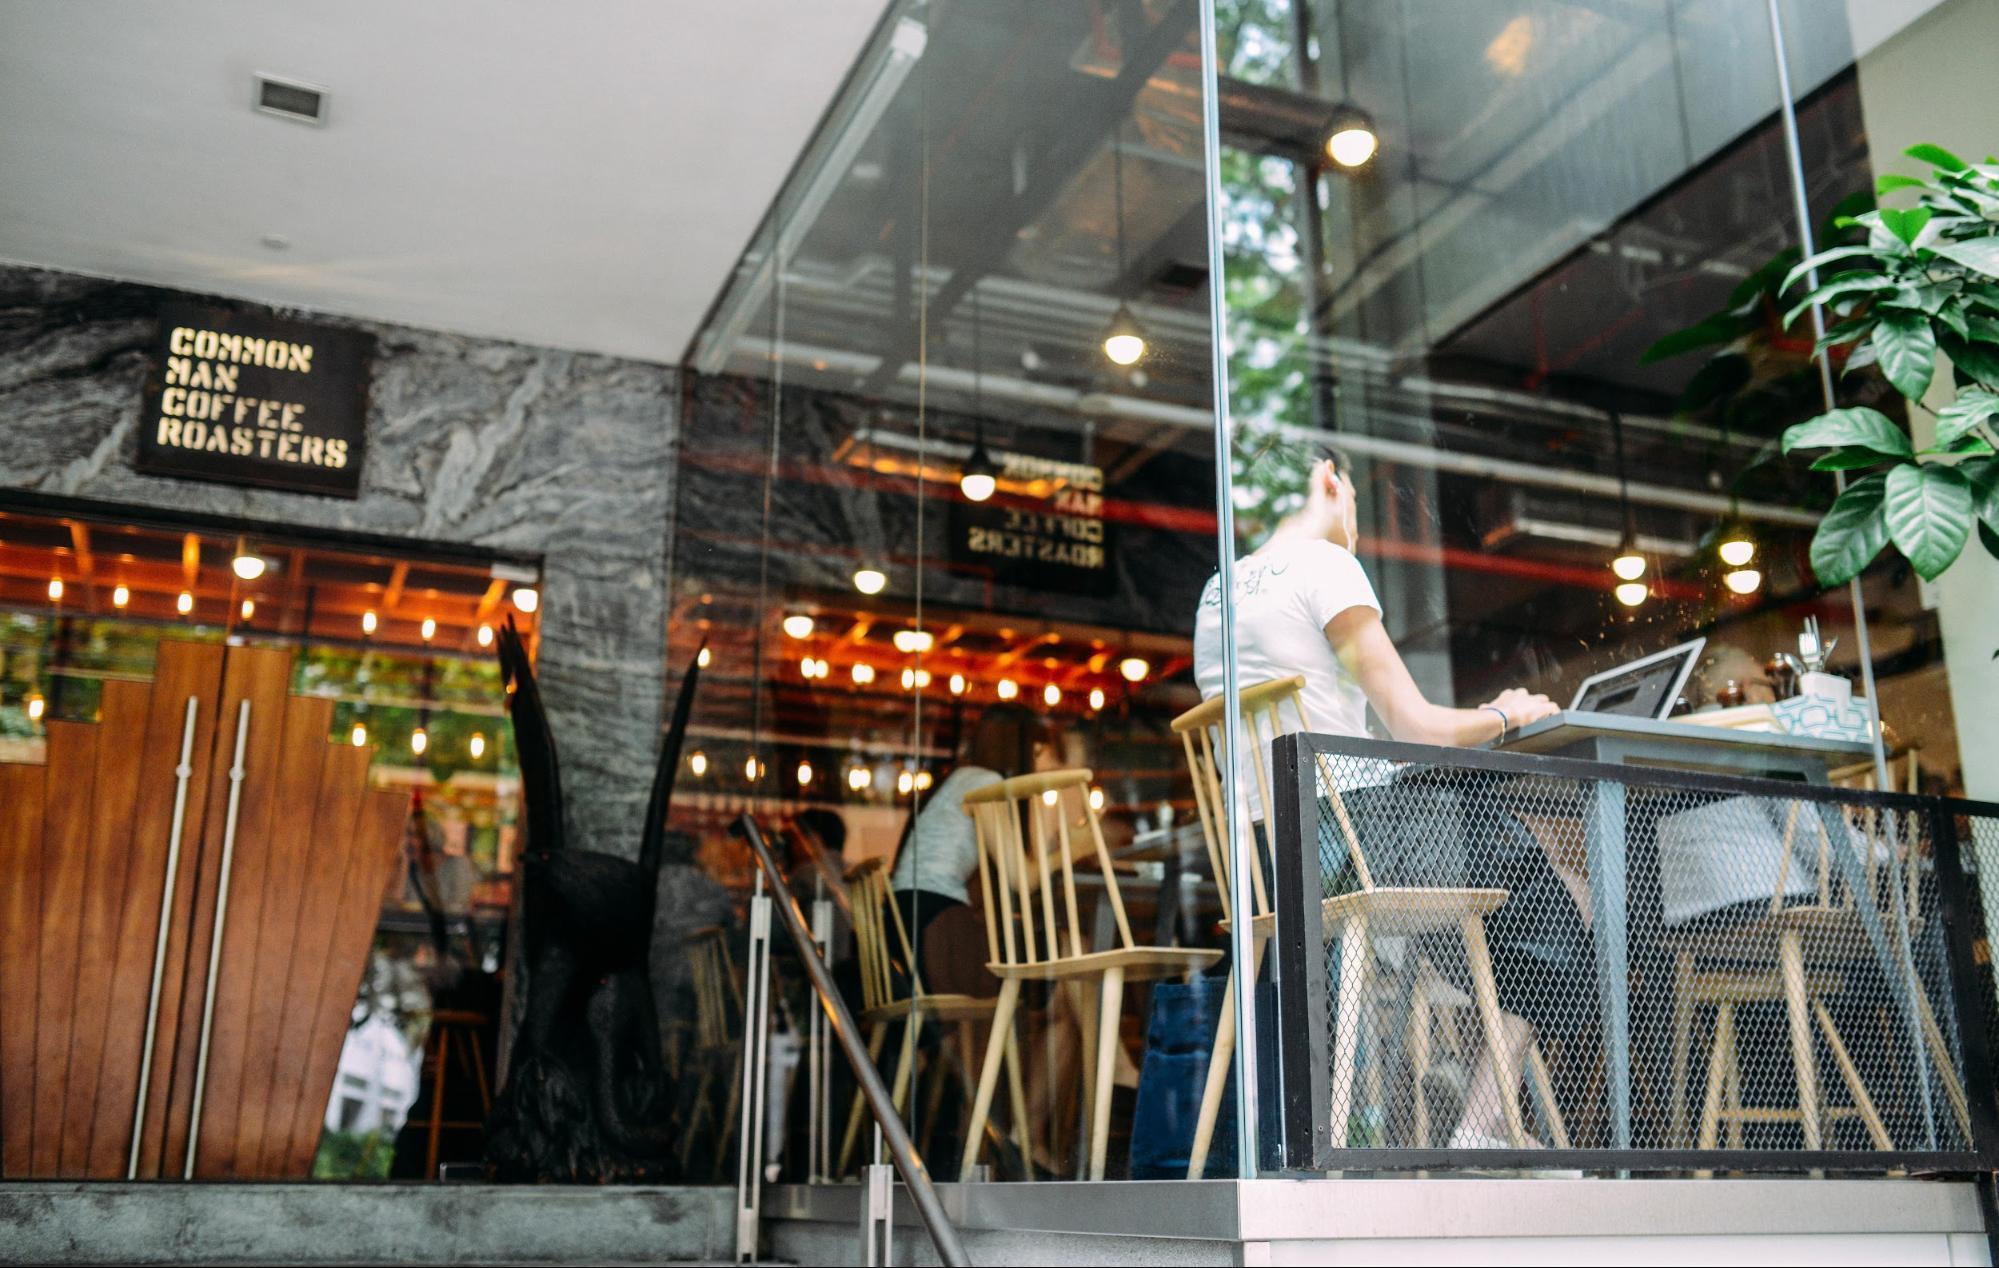 Man working on restaurant staffing procedures